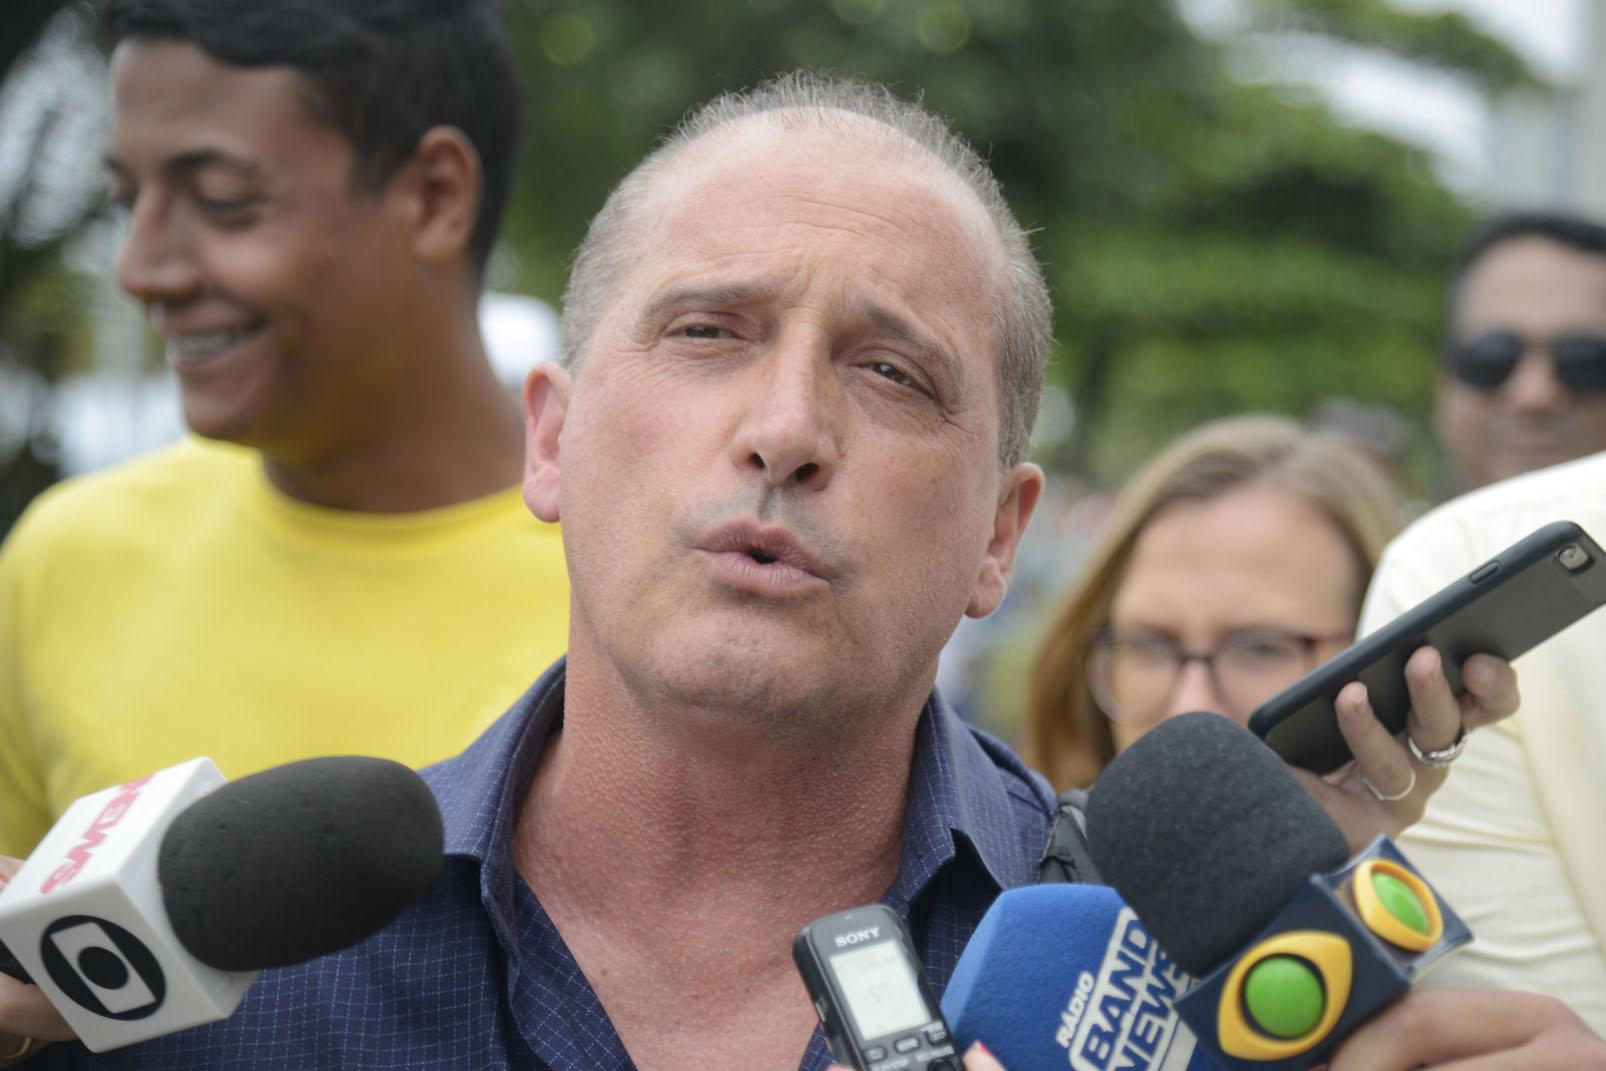 PGR investiga se futuro ministro de Bolsonaro recebeu caixa 2 da JBS